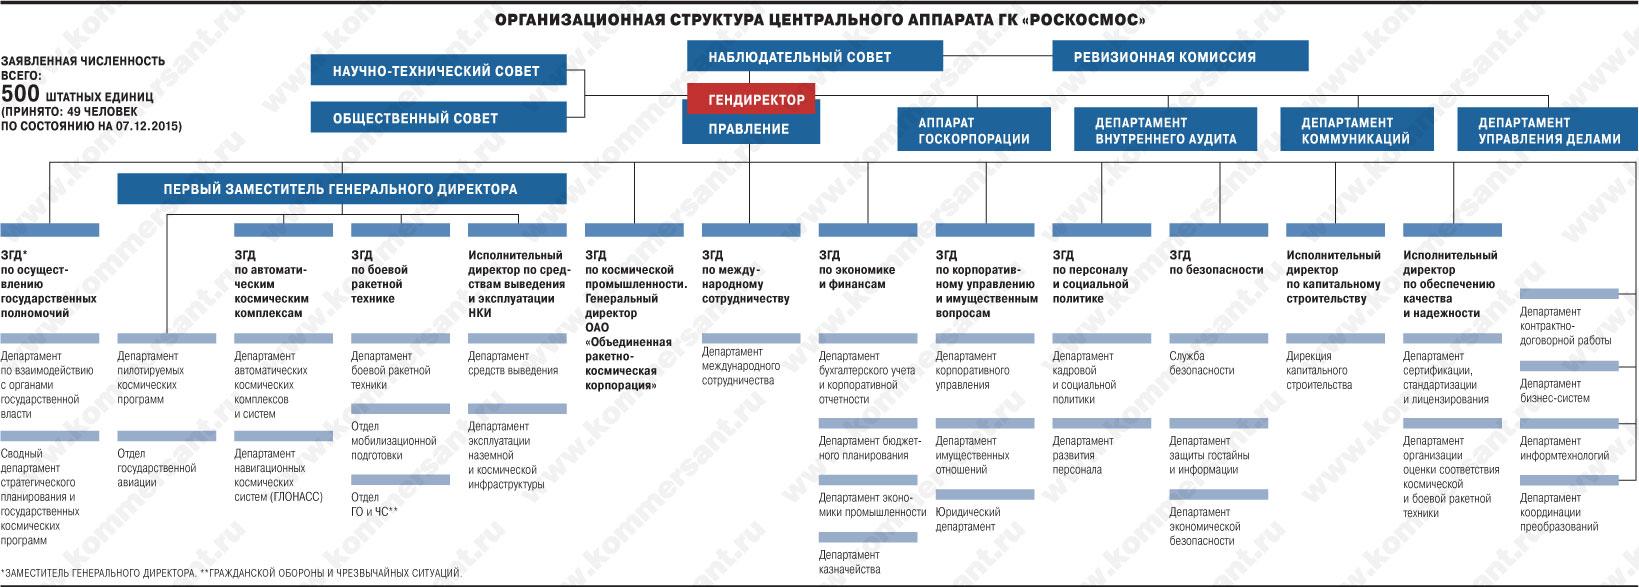 """Центральный аппарат ГК """"Роскосмос""""."""